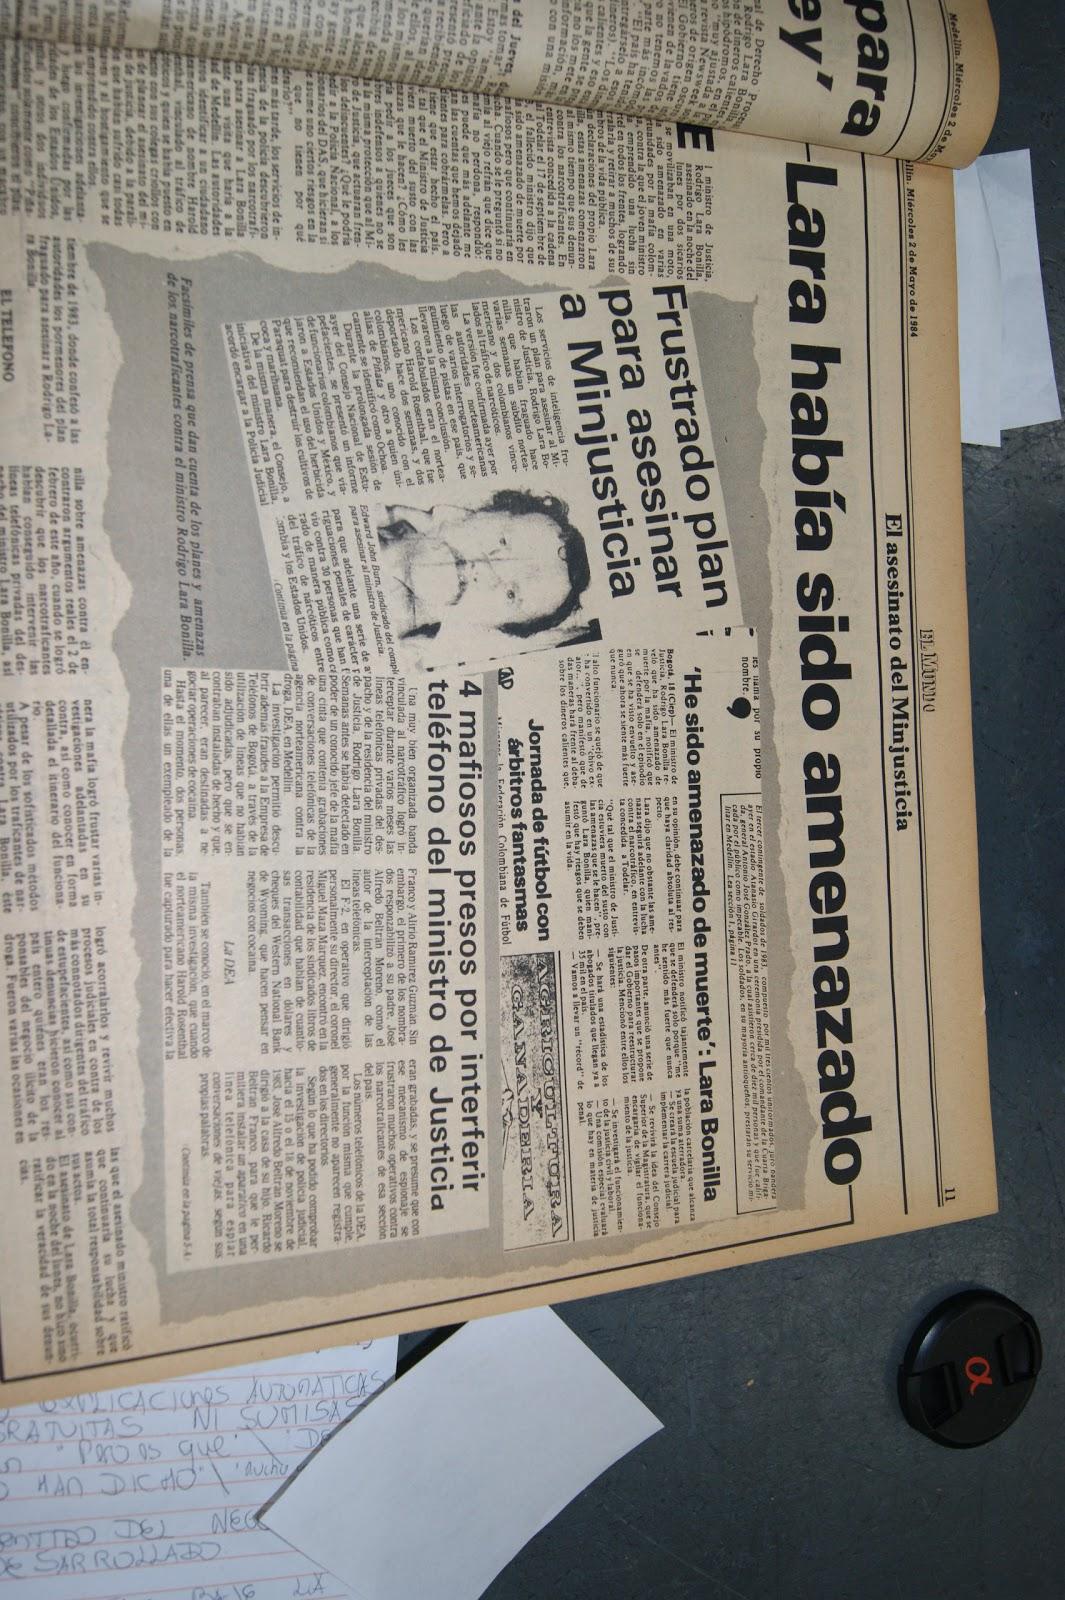 Proyecto Pablo Escobar: Planes de muerte para Rodrigo Lara Bonilla. 1983